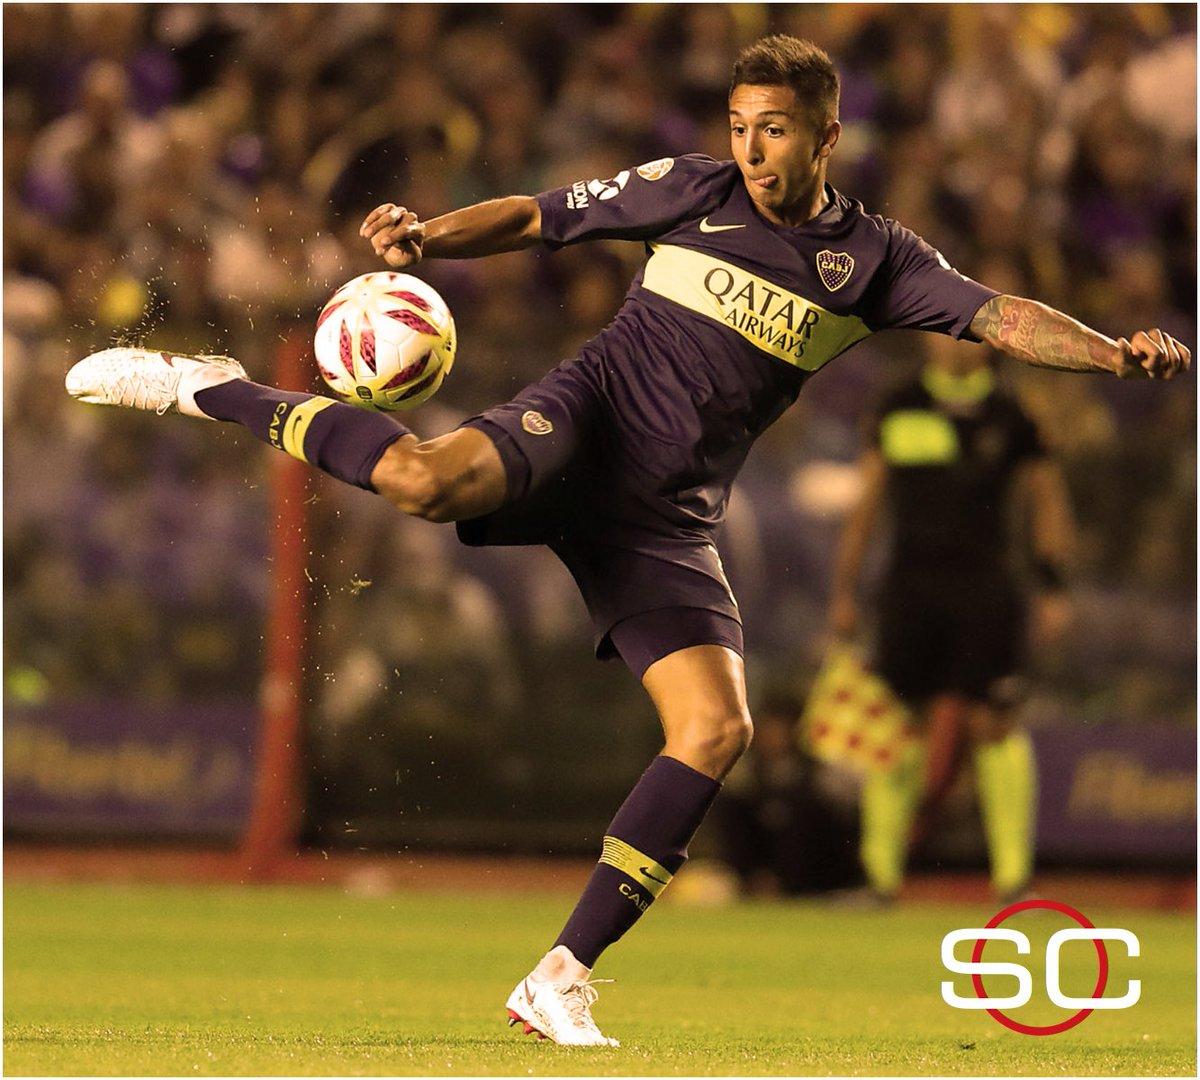 Agustín Almendra jugó todo el partido ante Tigre y asistió a Buffarini en el cuarto gol. ¿Creés que debe estar en el banco contra River?